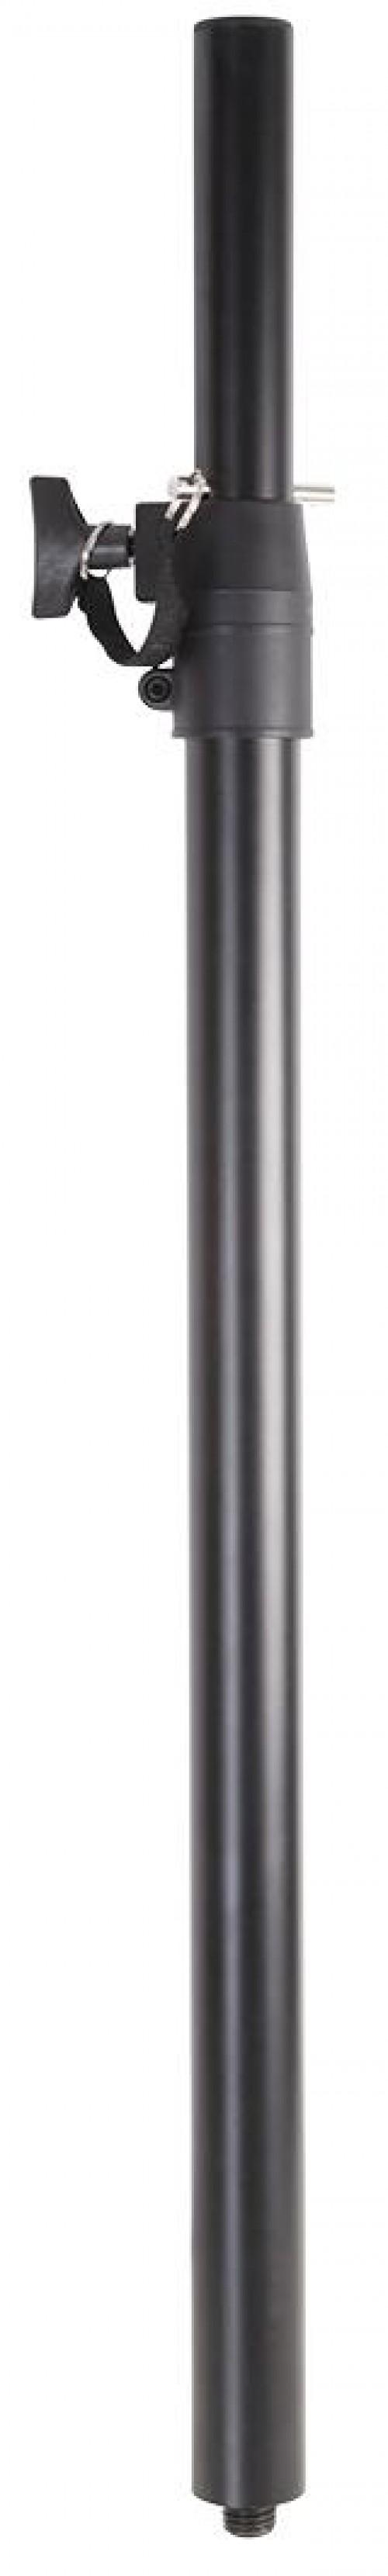 Pulse M20 Adjustable Sub/Sat Speaker Pole